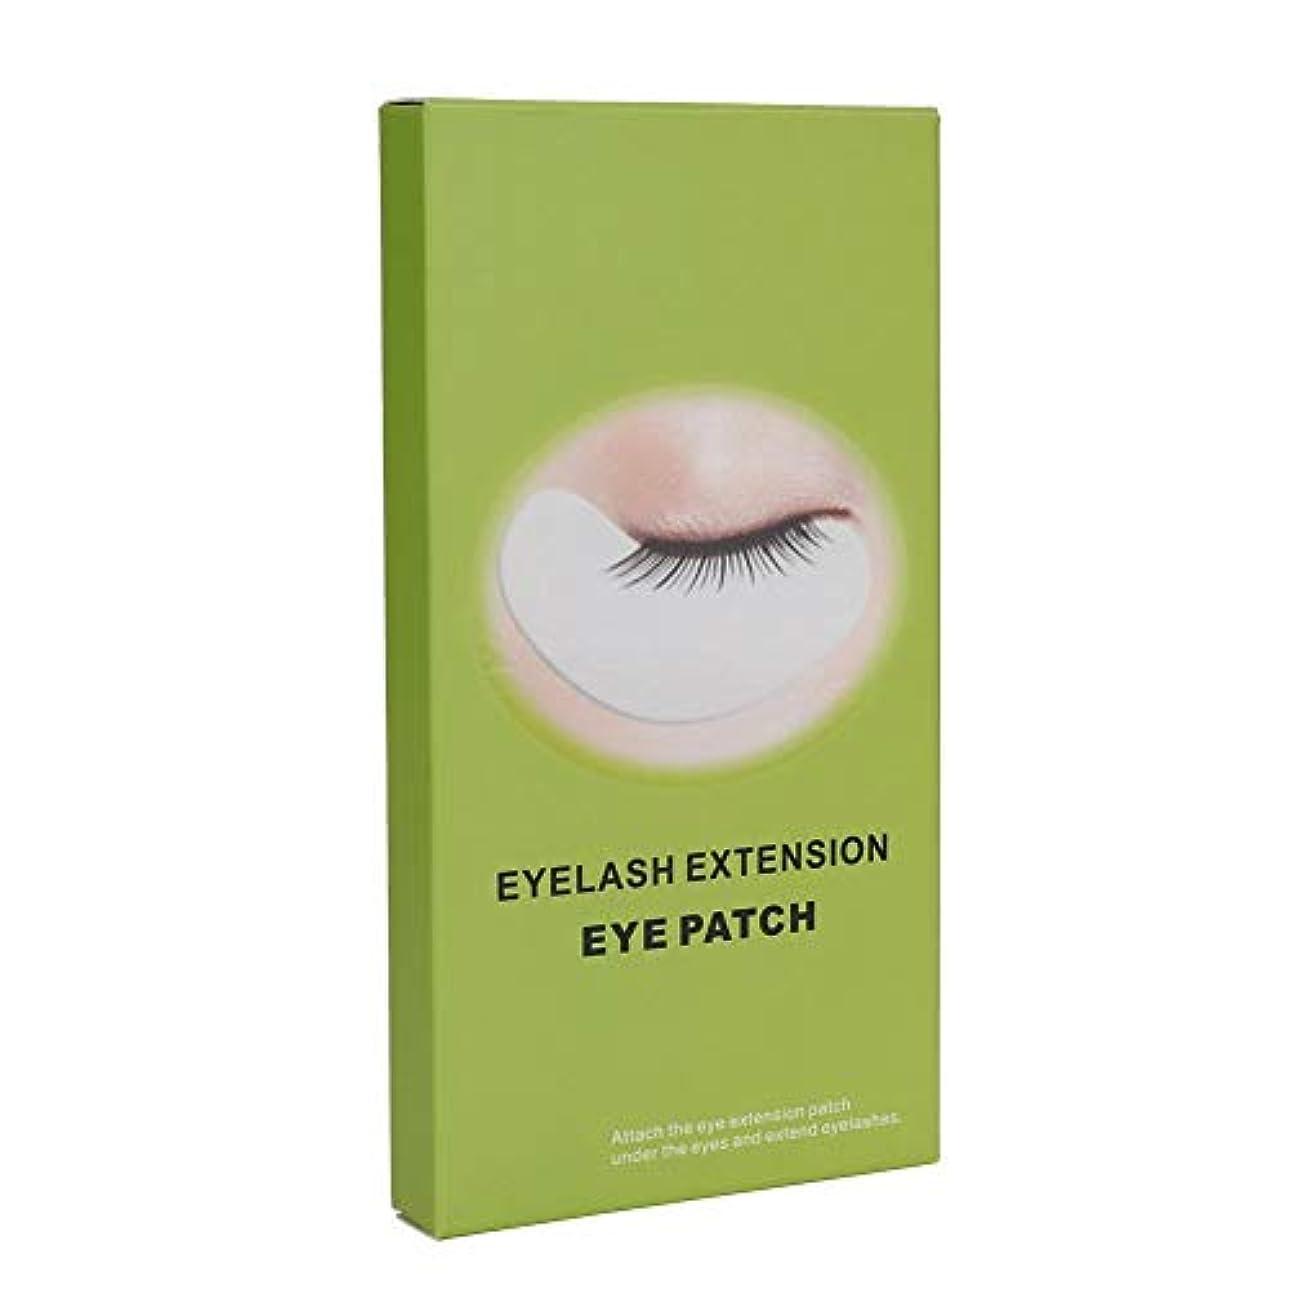 神話未払いカード10対のまつげパッド - プロのアイジェルパッチ、DIYつけまつげエクステ化粧品 - 拡張アイエクステンションまつげ美容